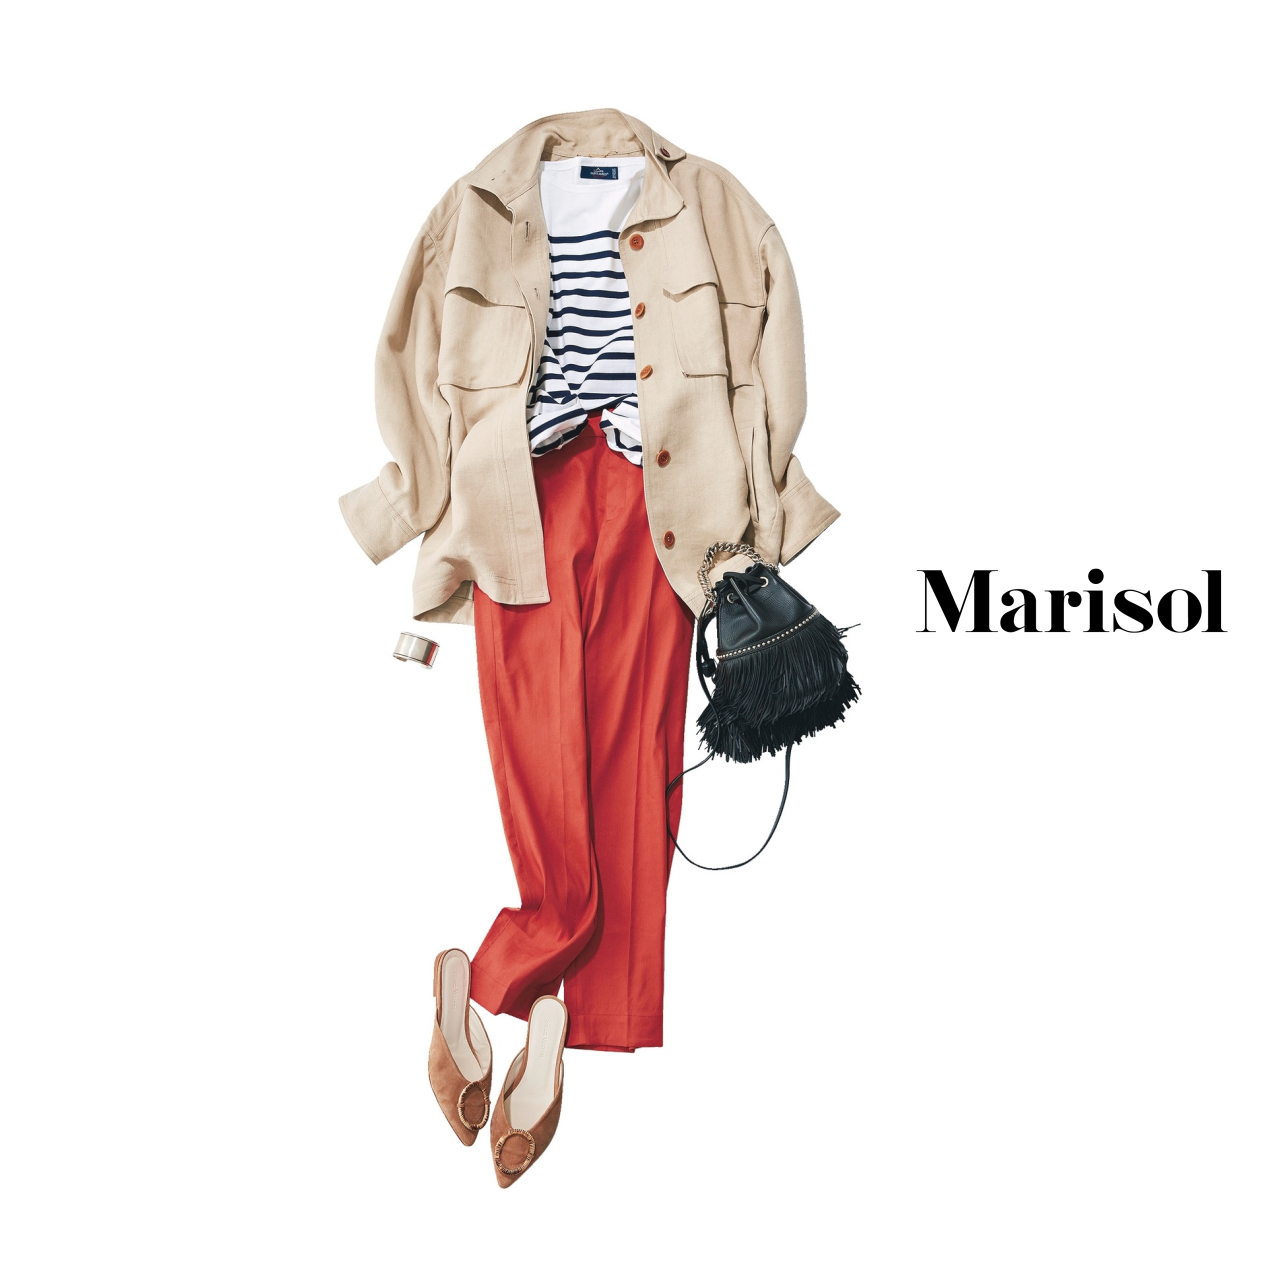 40代ファッション ベージュジャケット×ボーダーカットソー×カラーパンツコーデ